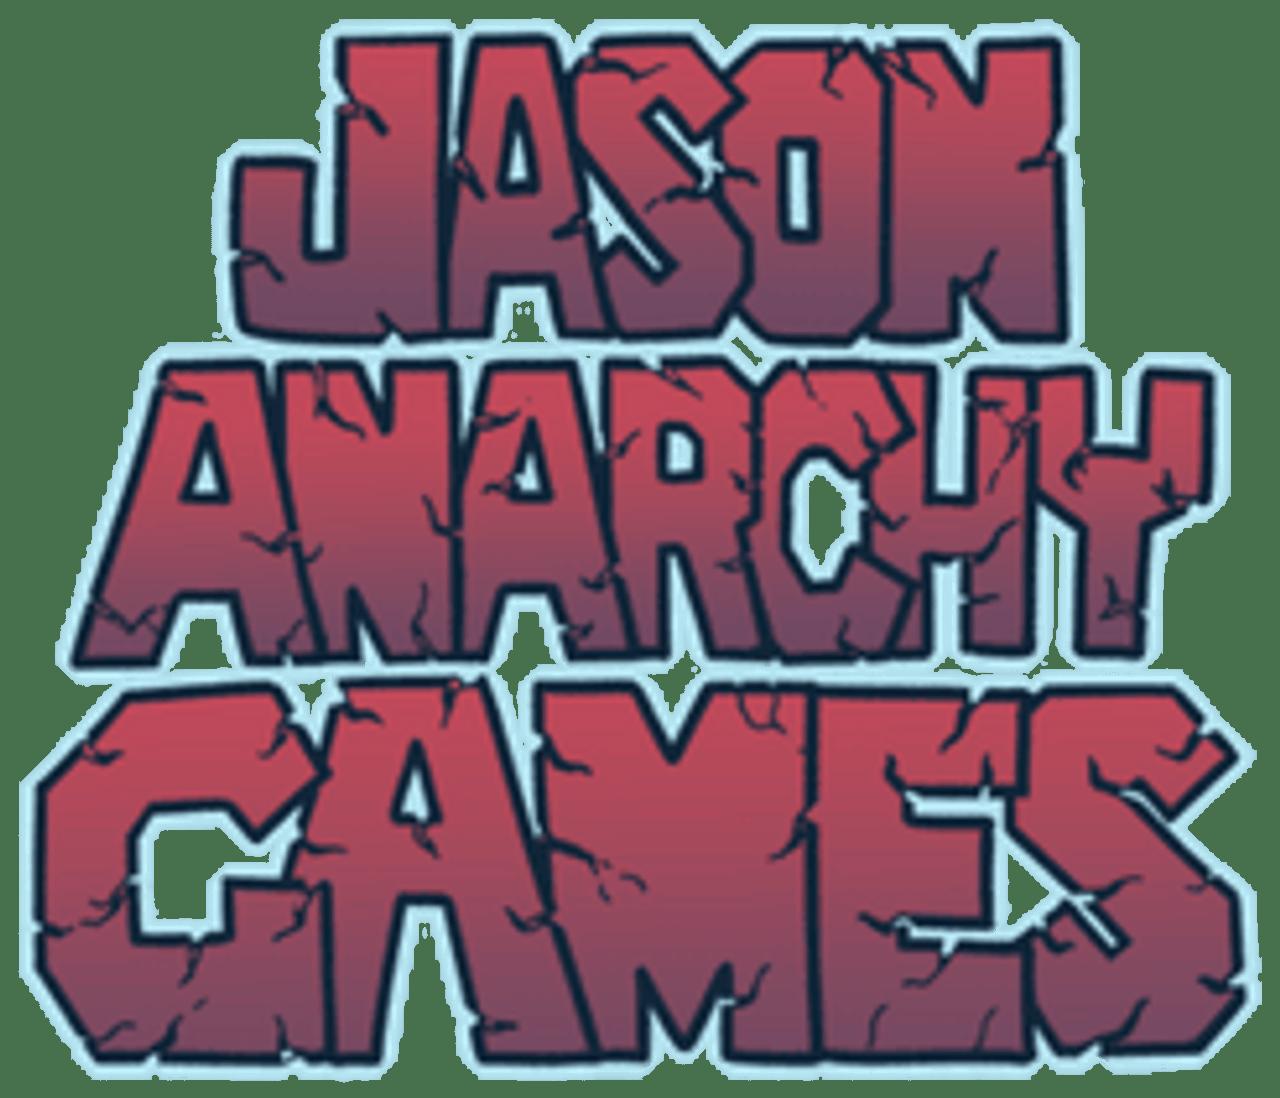 Jason Anarchy Games